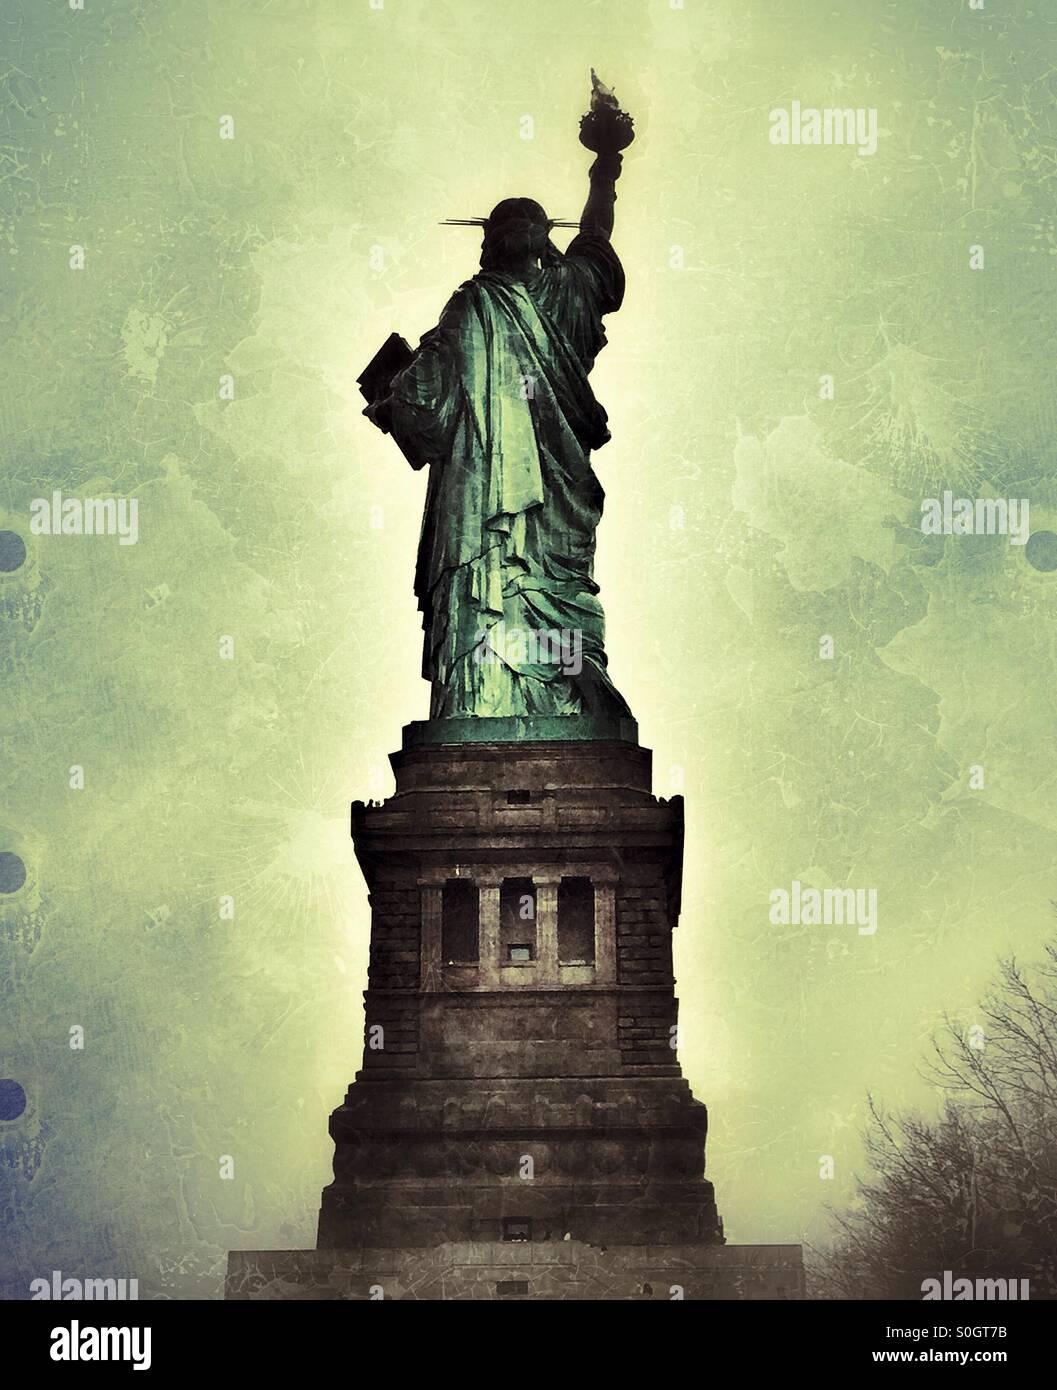 Vue arrière de la Statue de la liberté, New York, USA Photo Stock